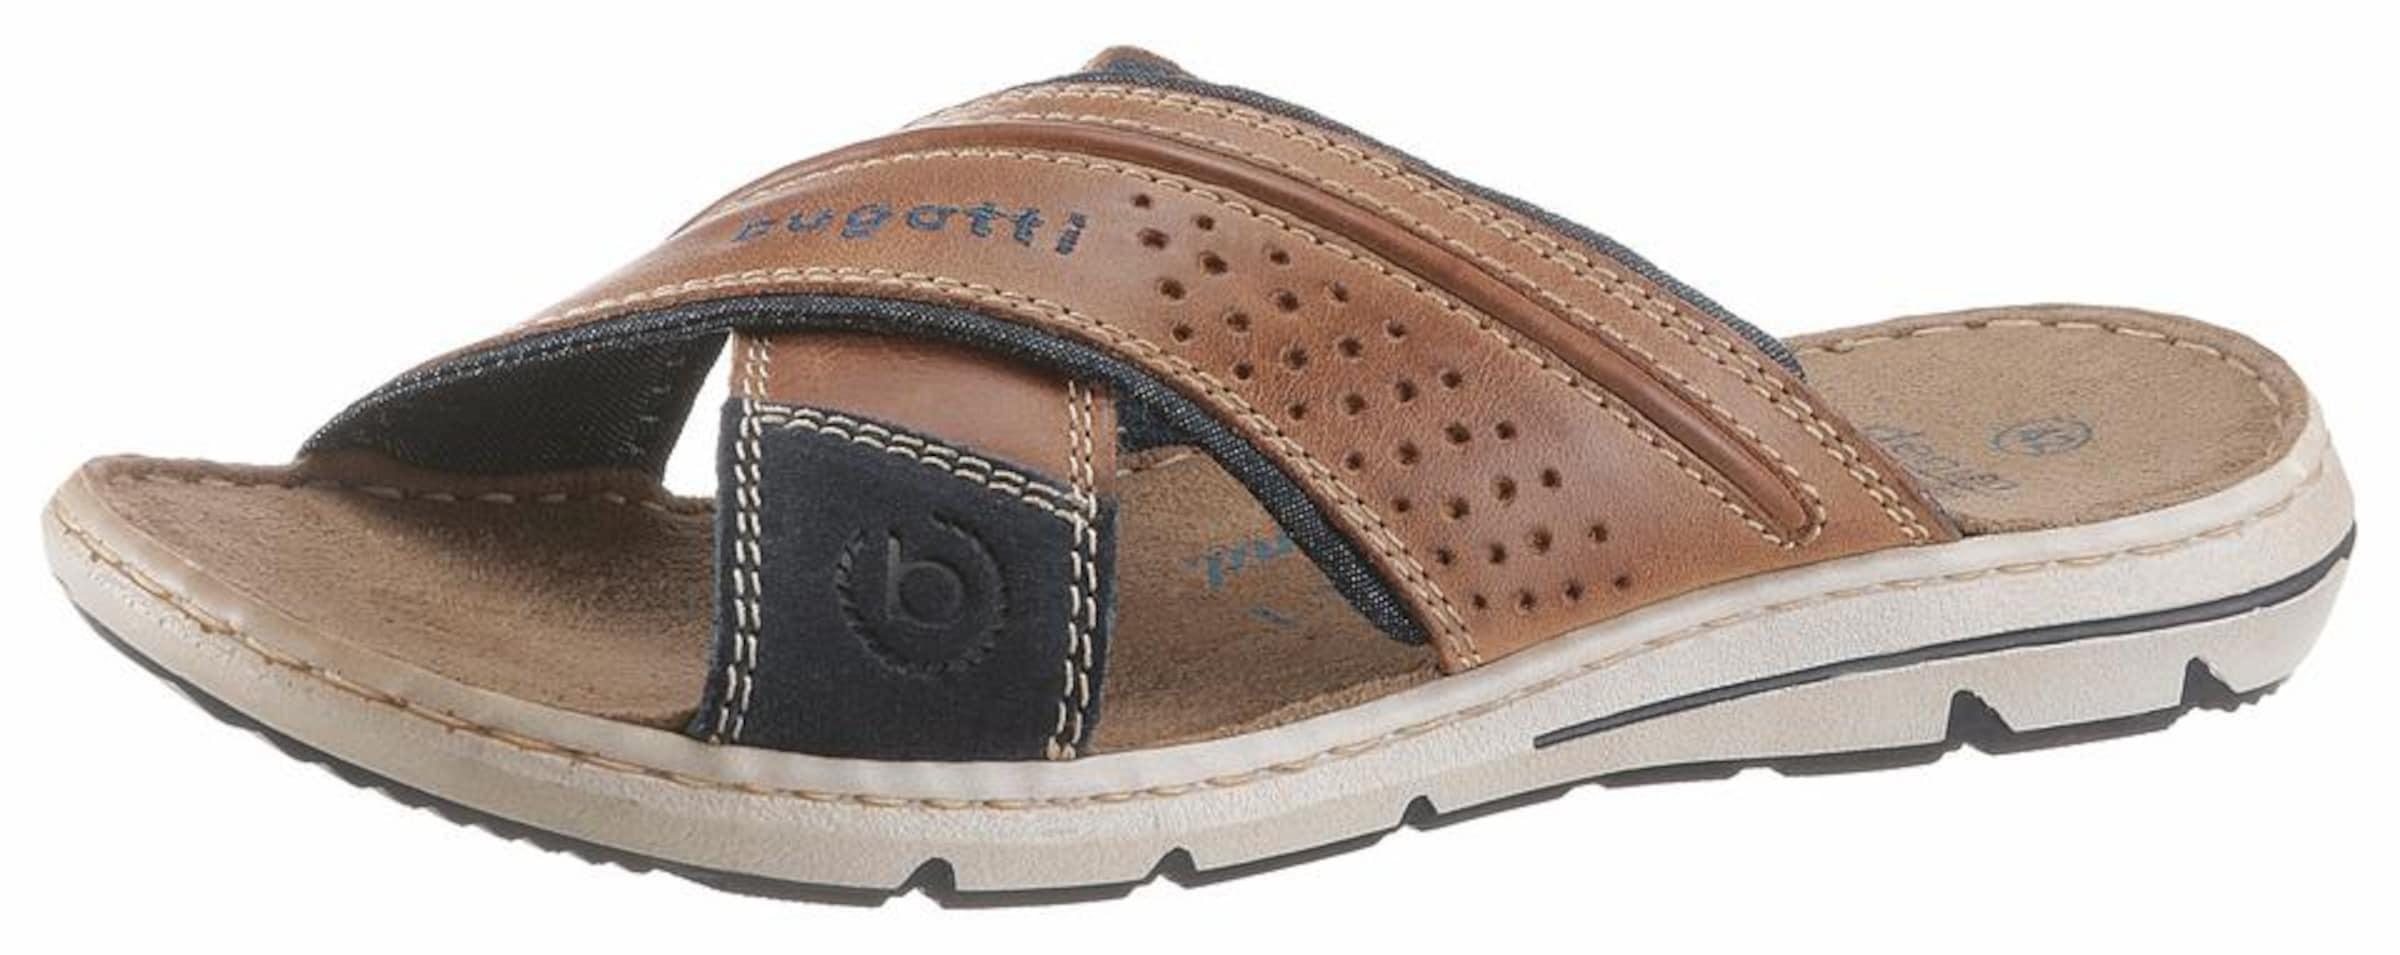 bugatti Pantolette Verschleißfeste billige Schuhe Hohe Qualität